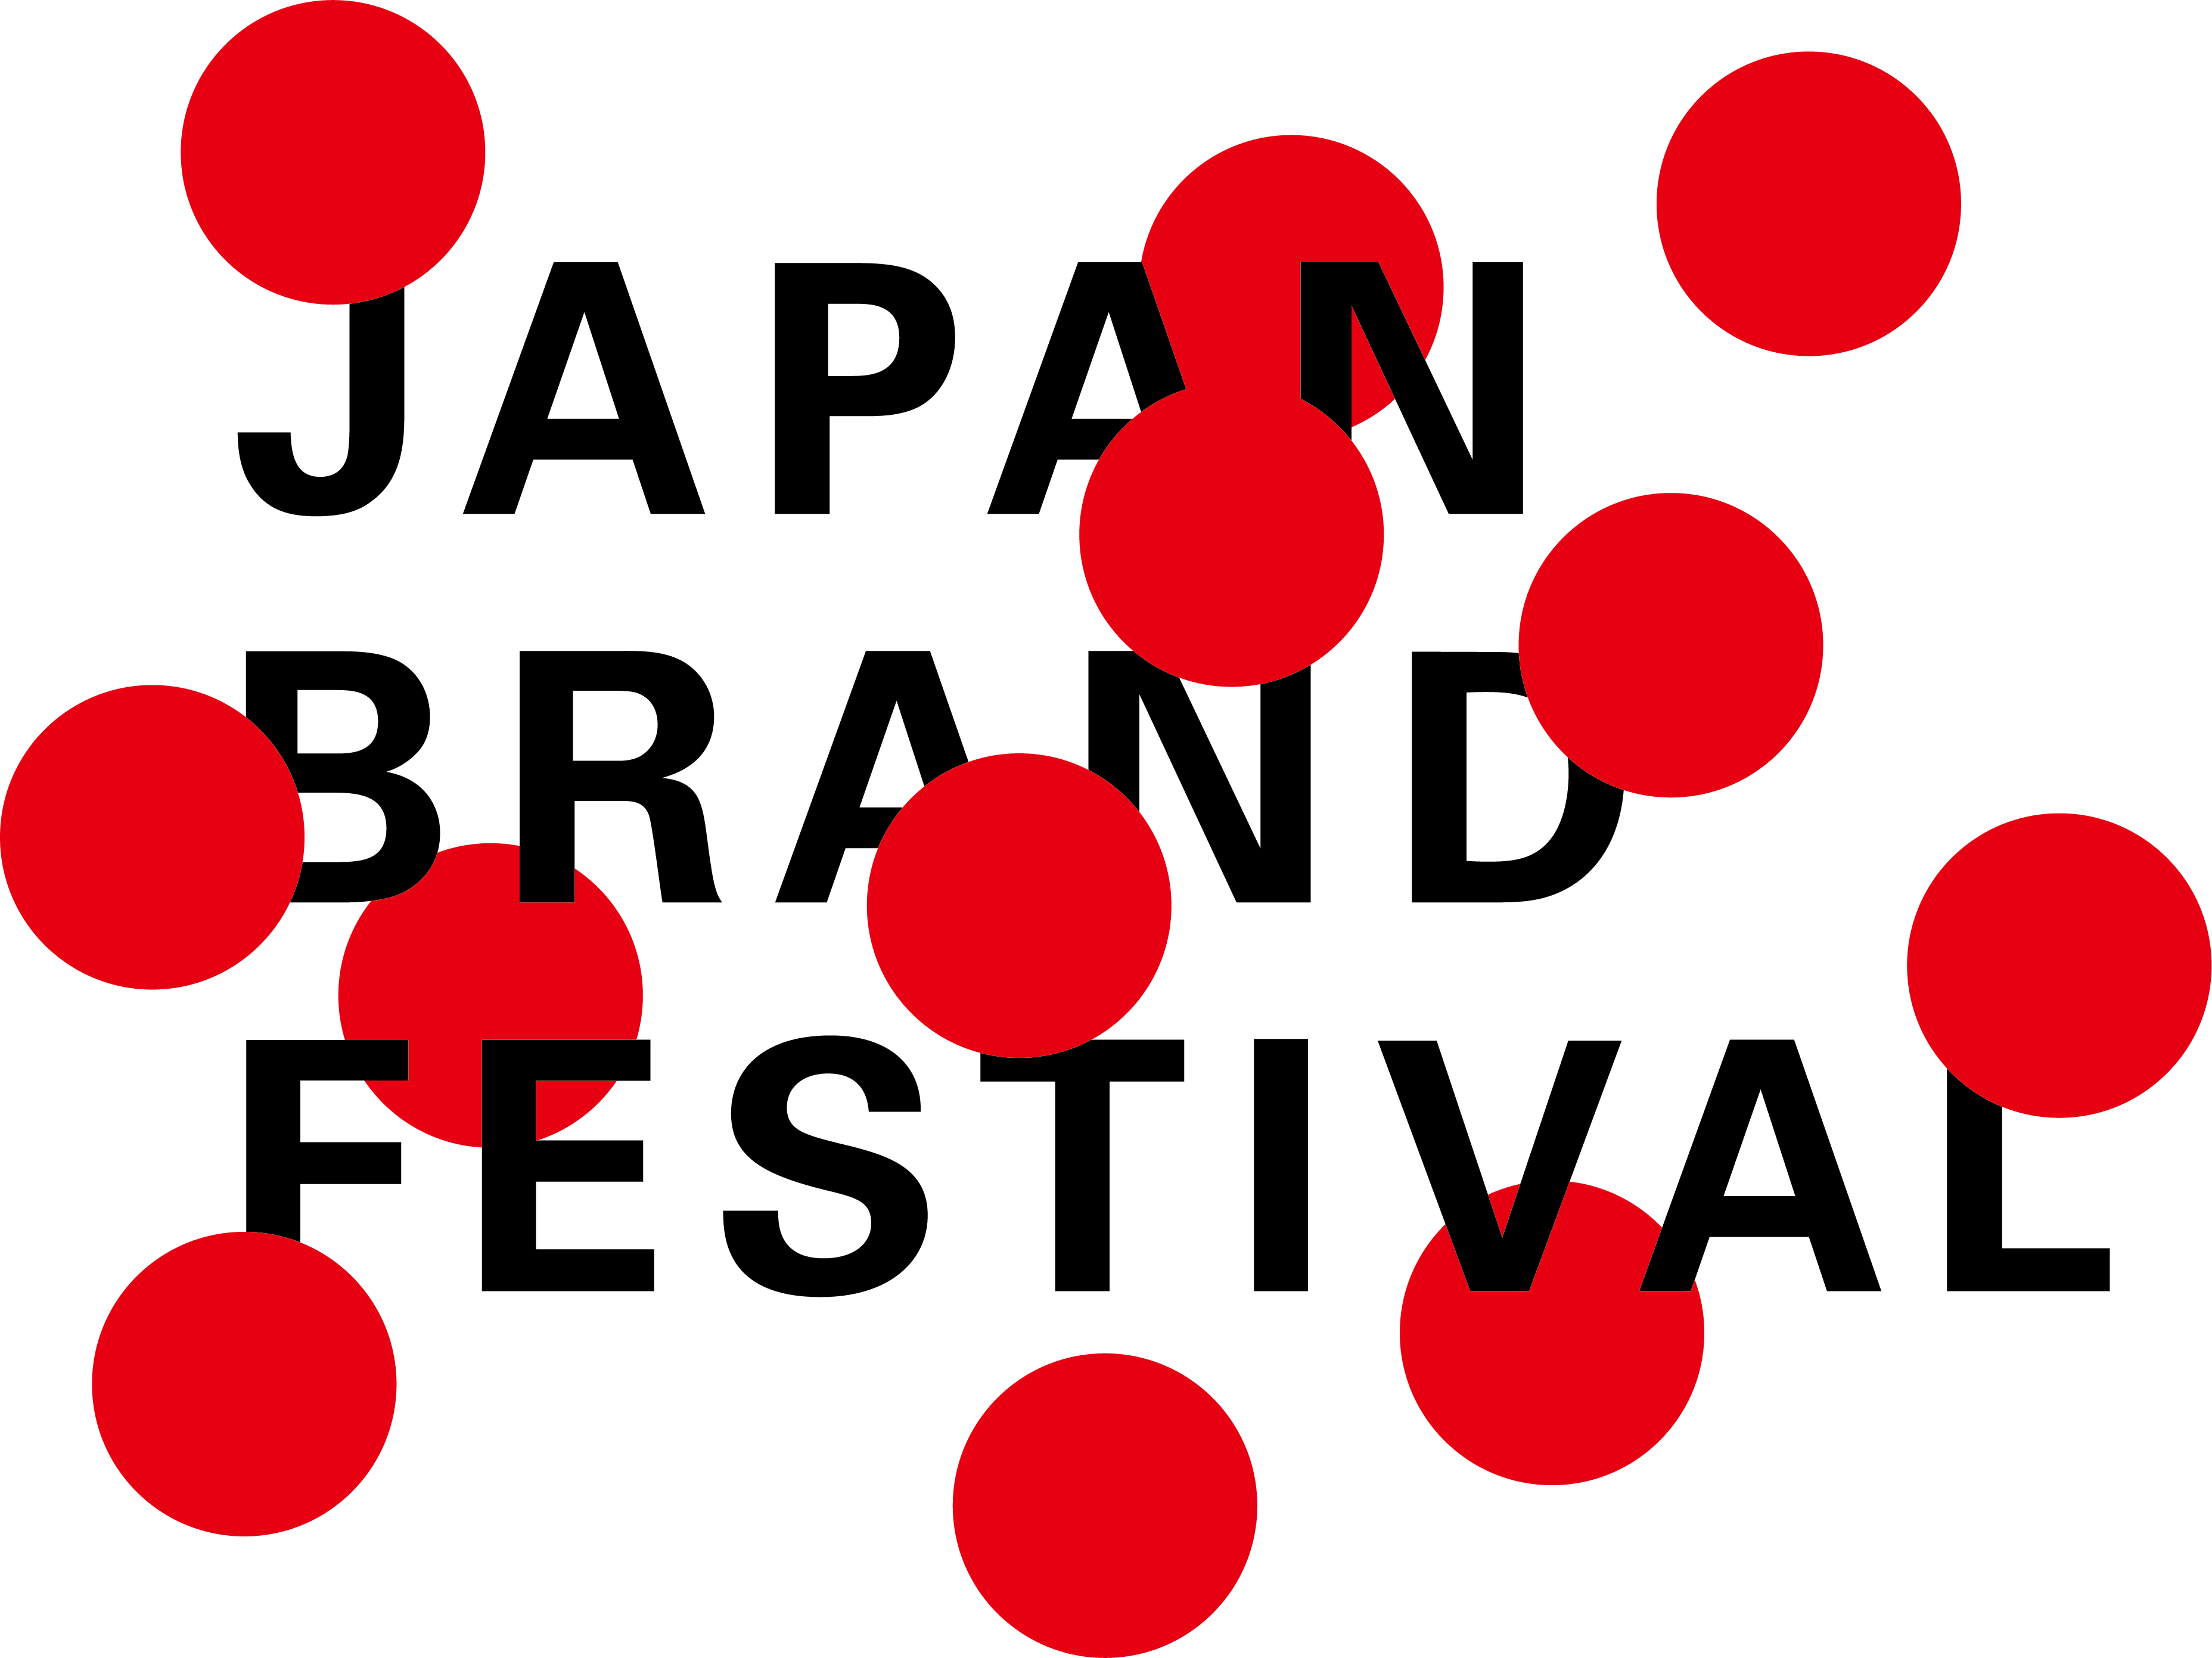 JAPAN BRAND FESTIVAL 実行委員